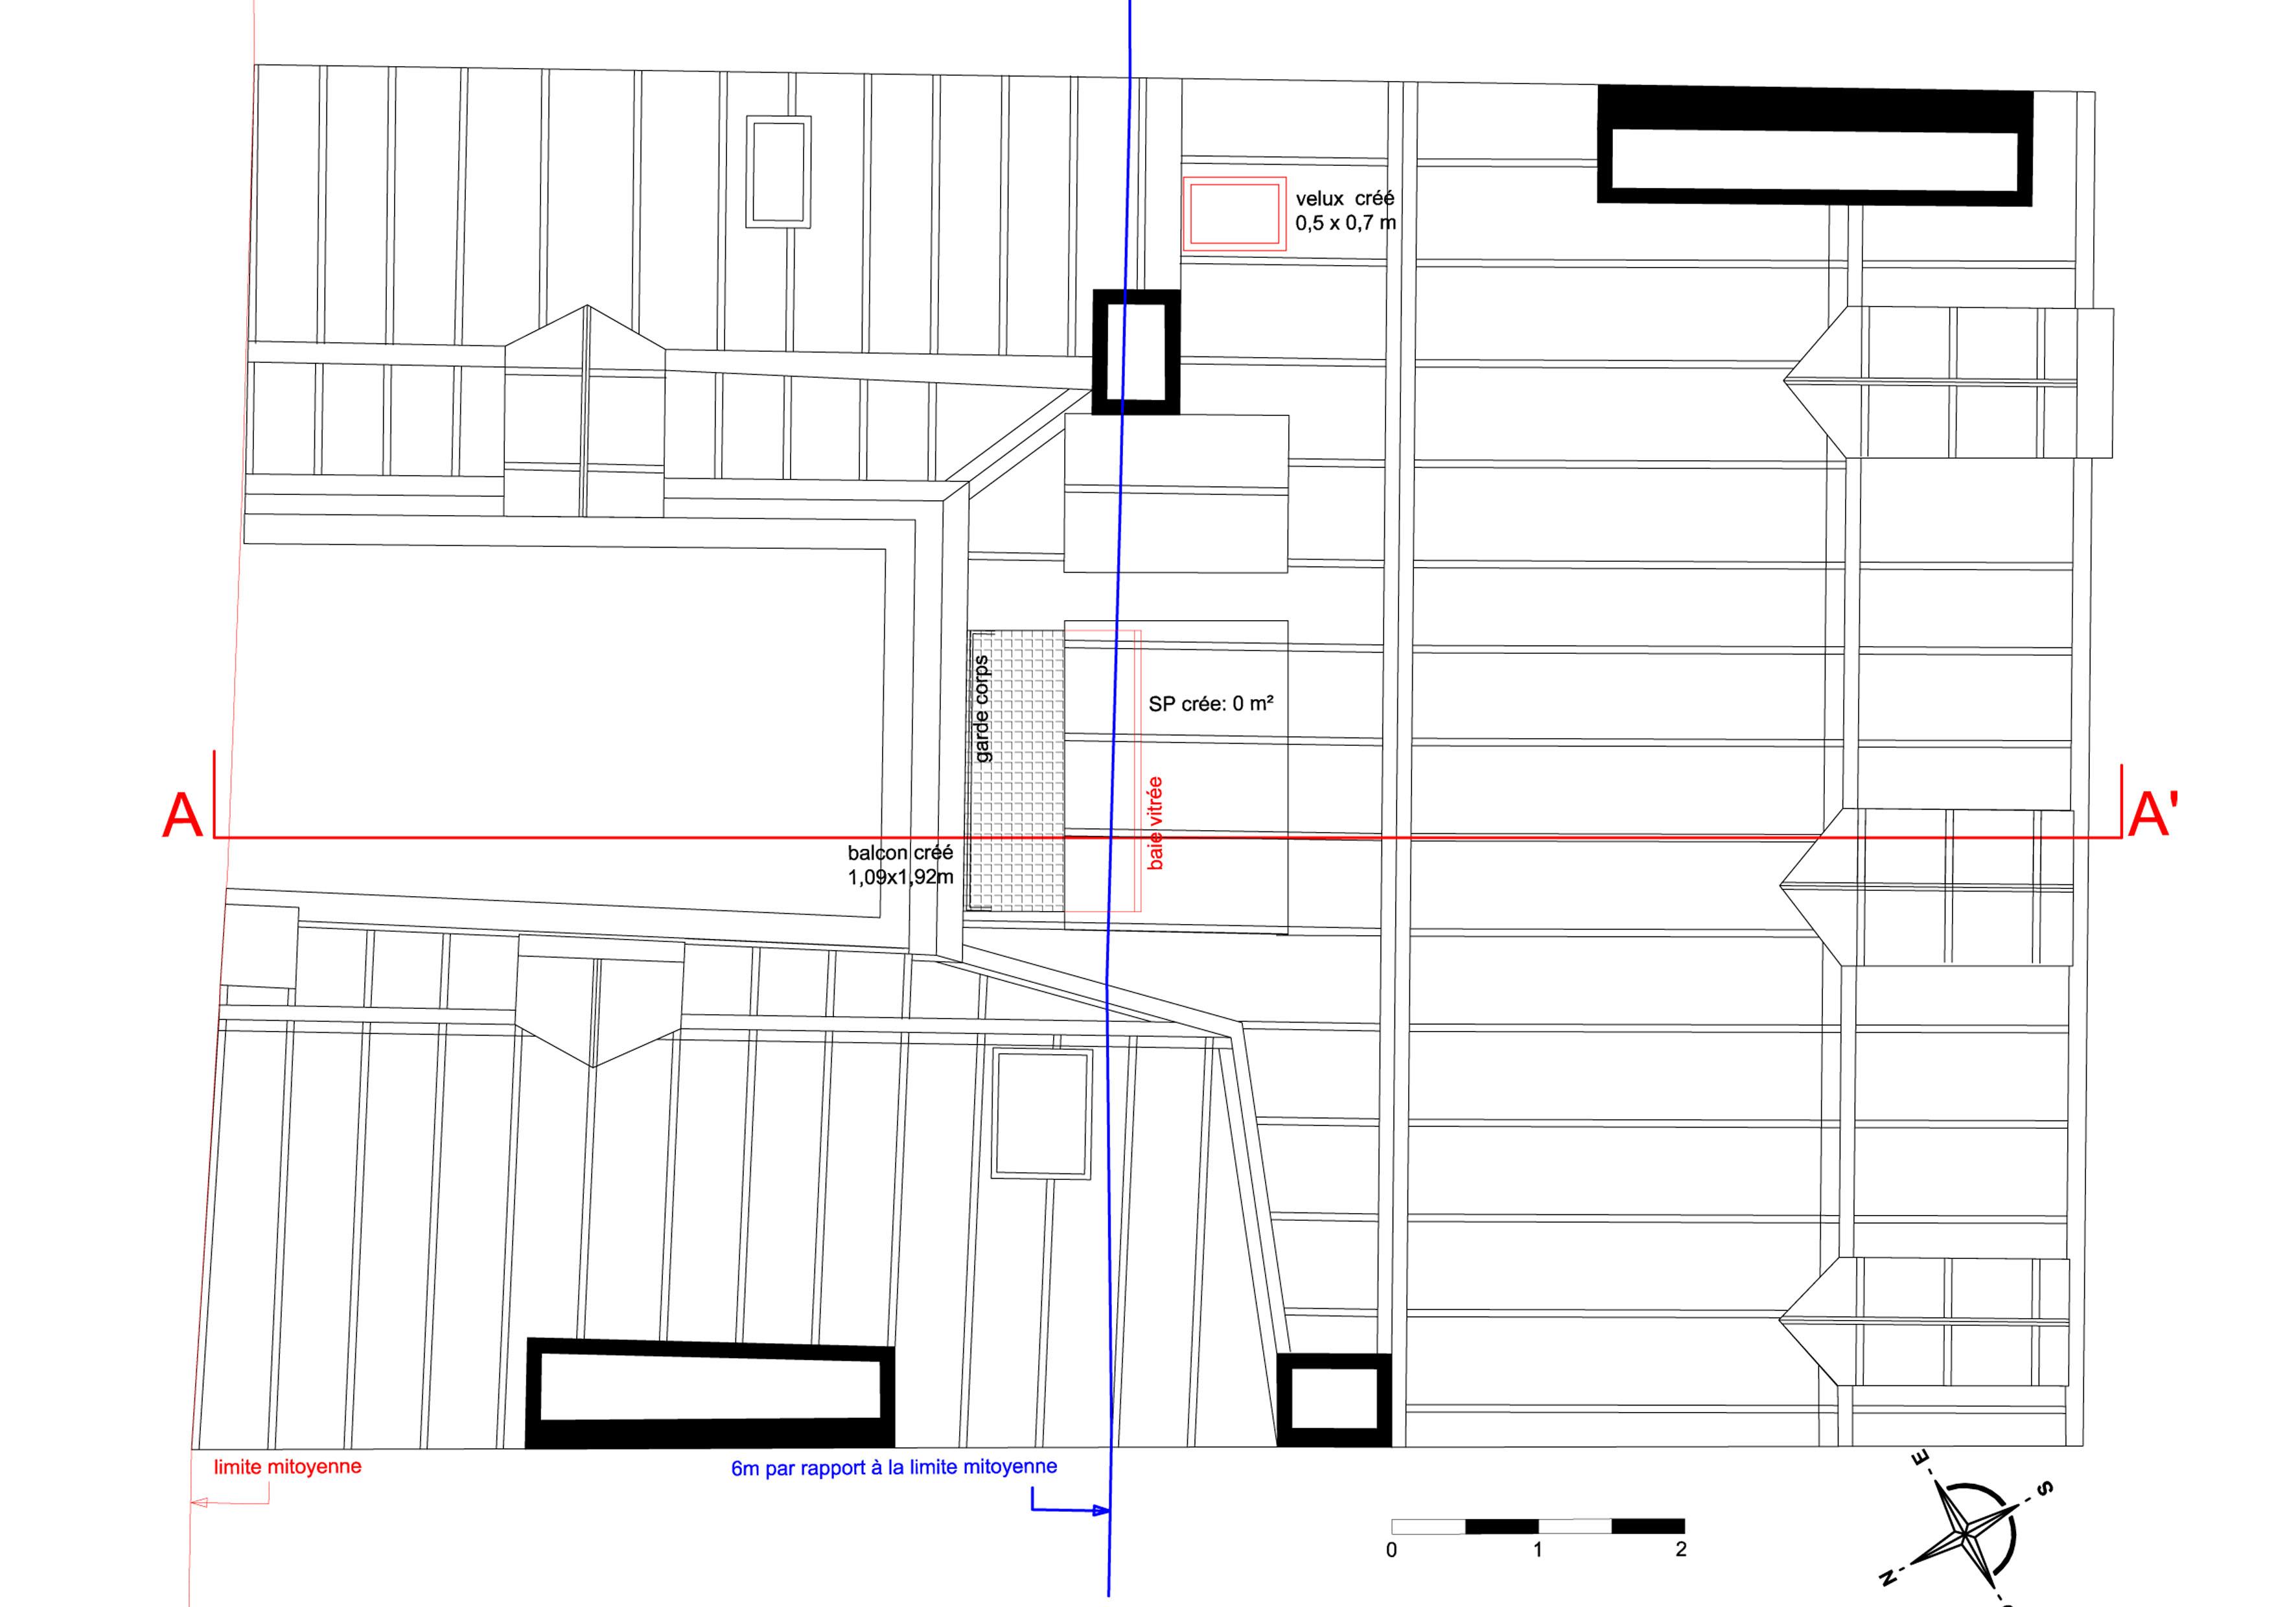 modification d une toiture le st louis piezaterre. Black Bedroom Furniture Sets. Home Design Ideas